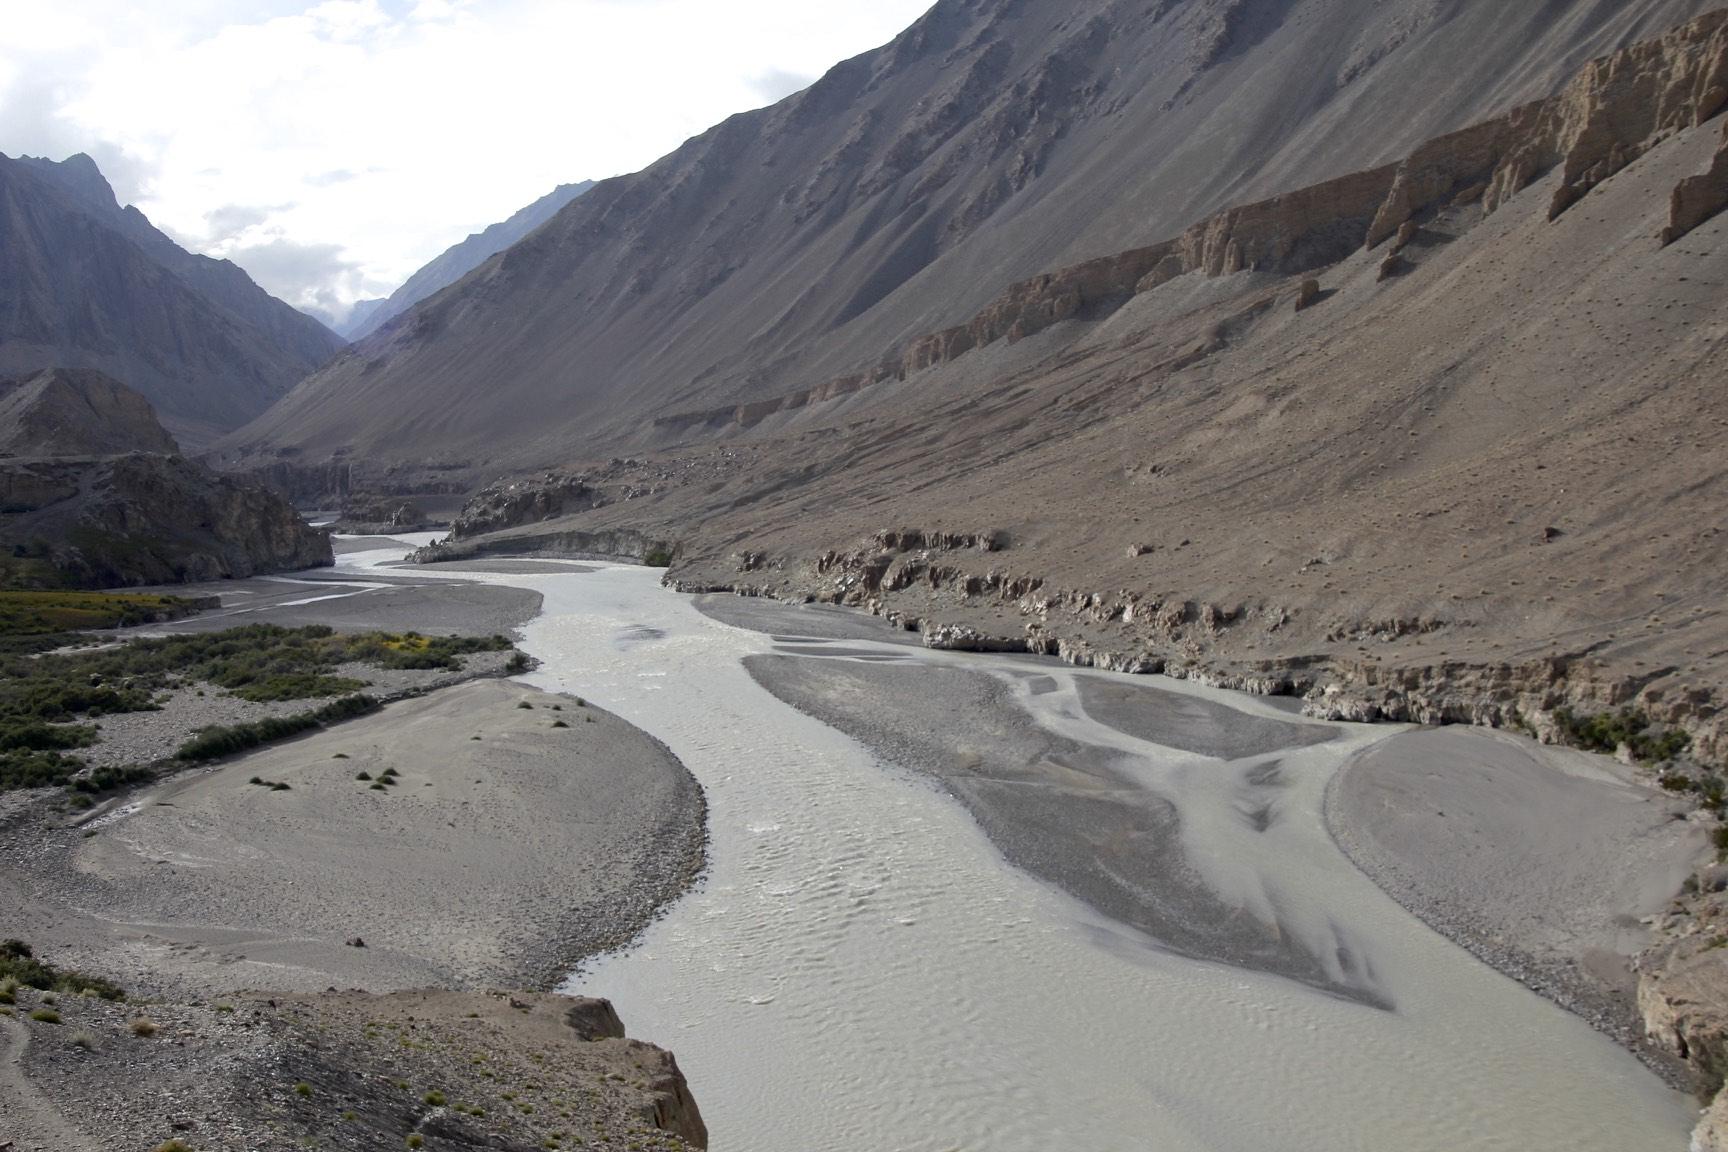 Yarkand River in Ilik